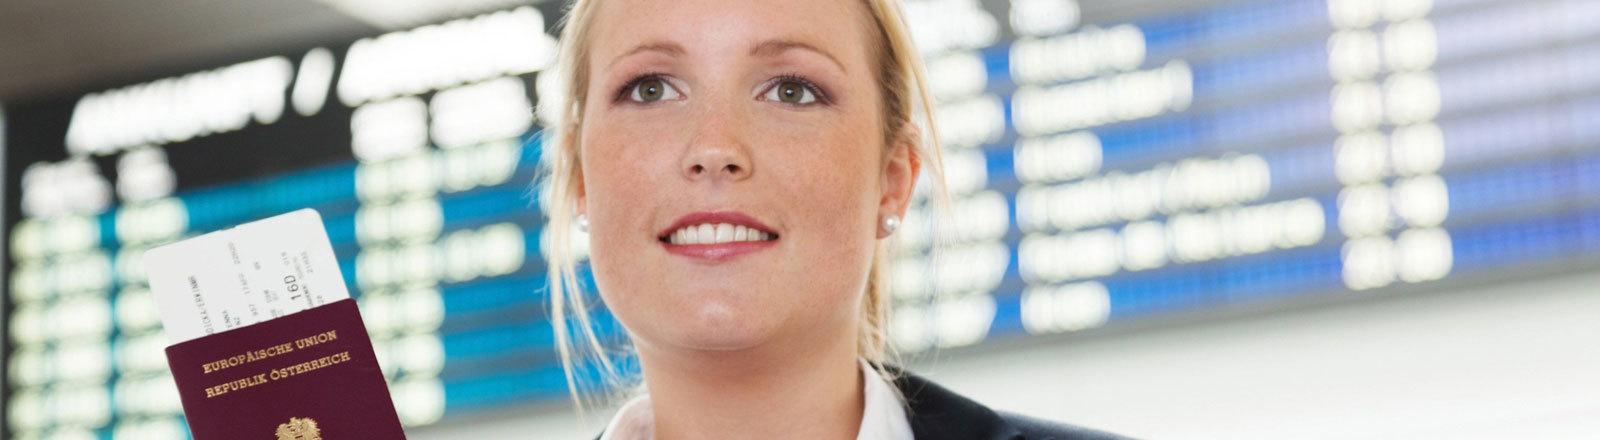 Frau mit Reisepass in der Hand am Flughafen